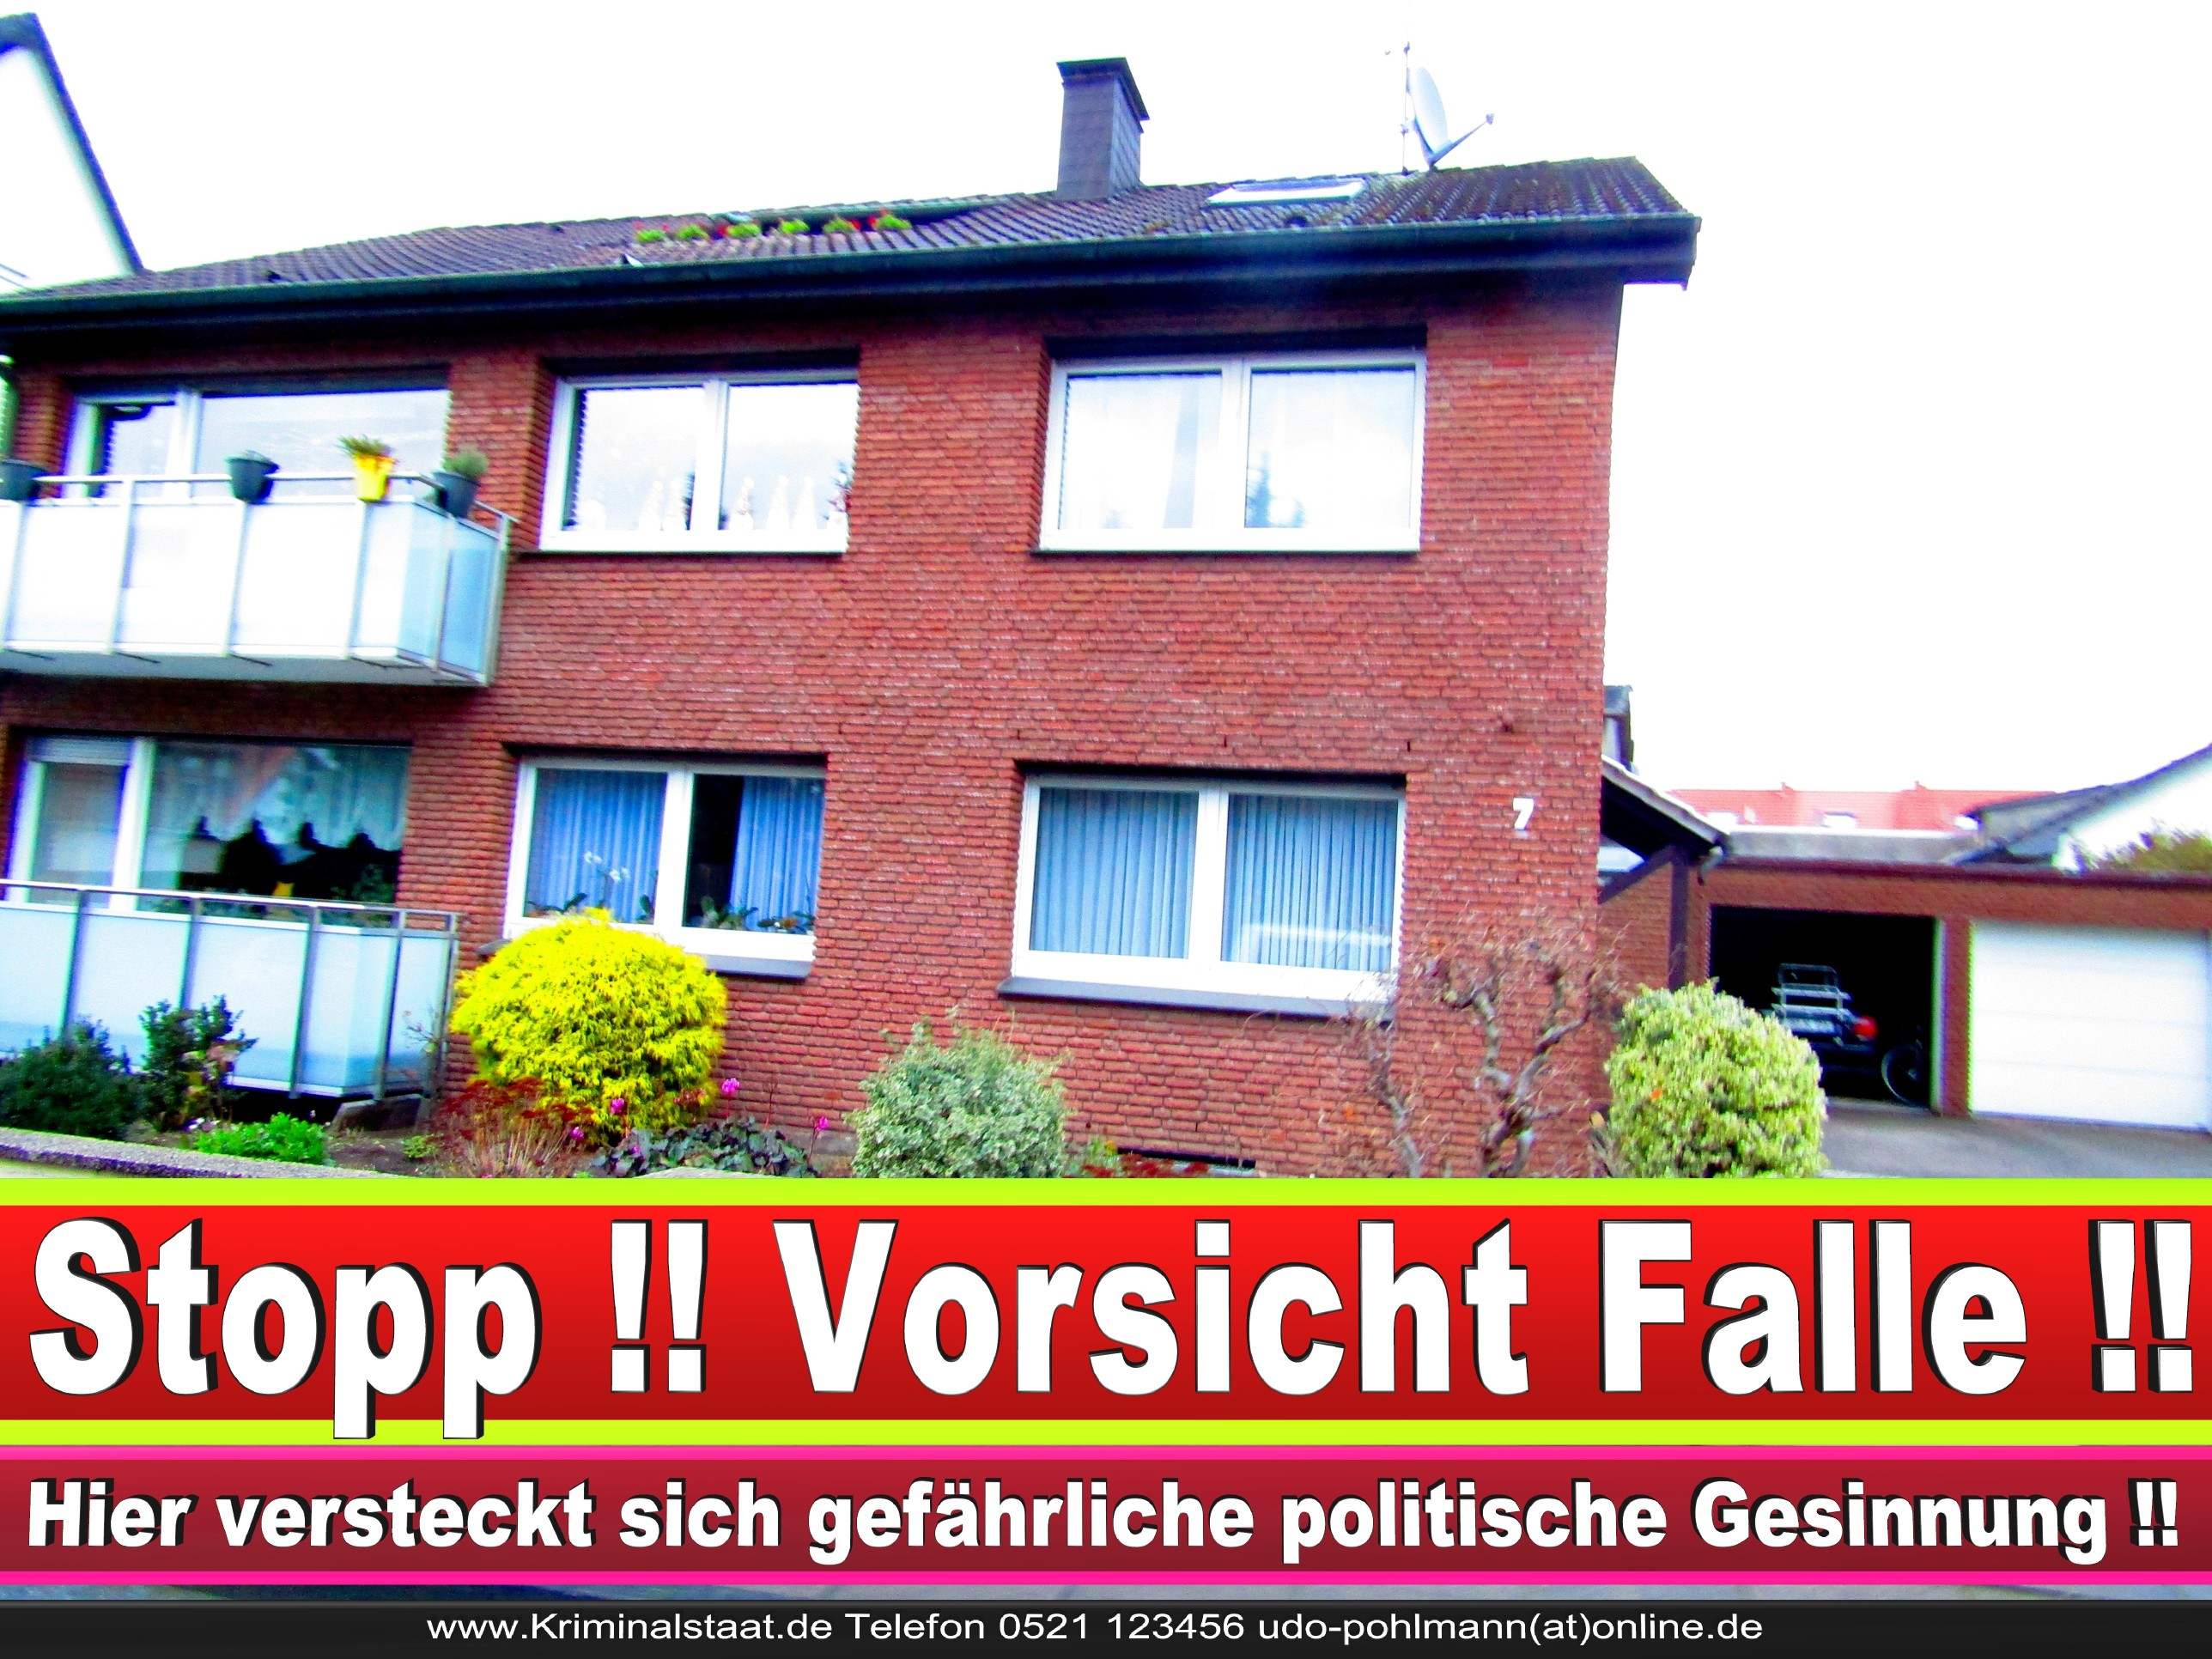 Carsten Krumhöfner CDU Bielefeld CDU NRW Jürgen Krumhöfner GbR Verlag Werbeagentur Dortmunder 4 1